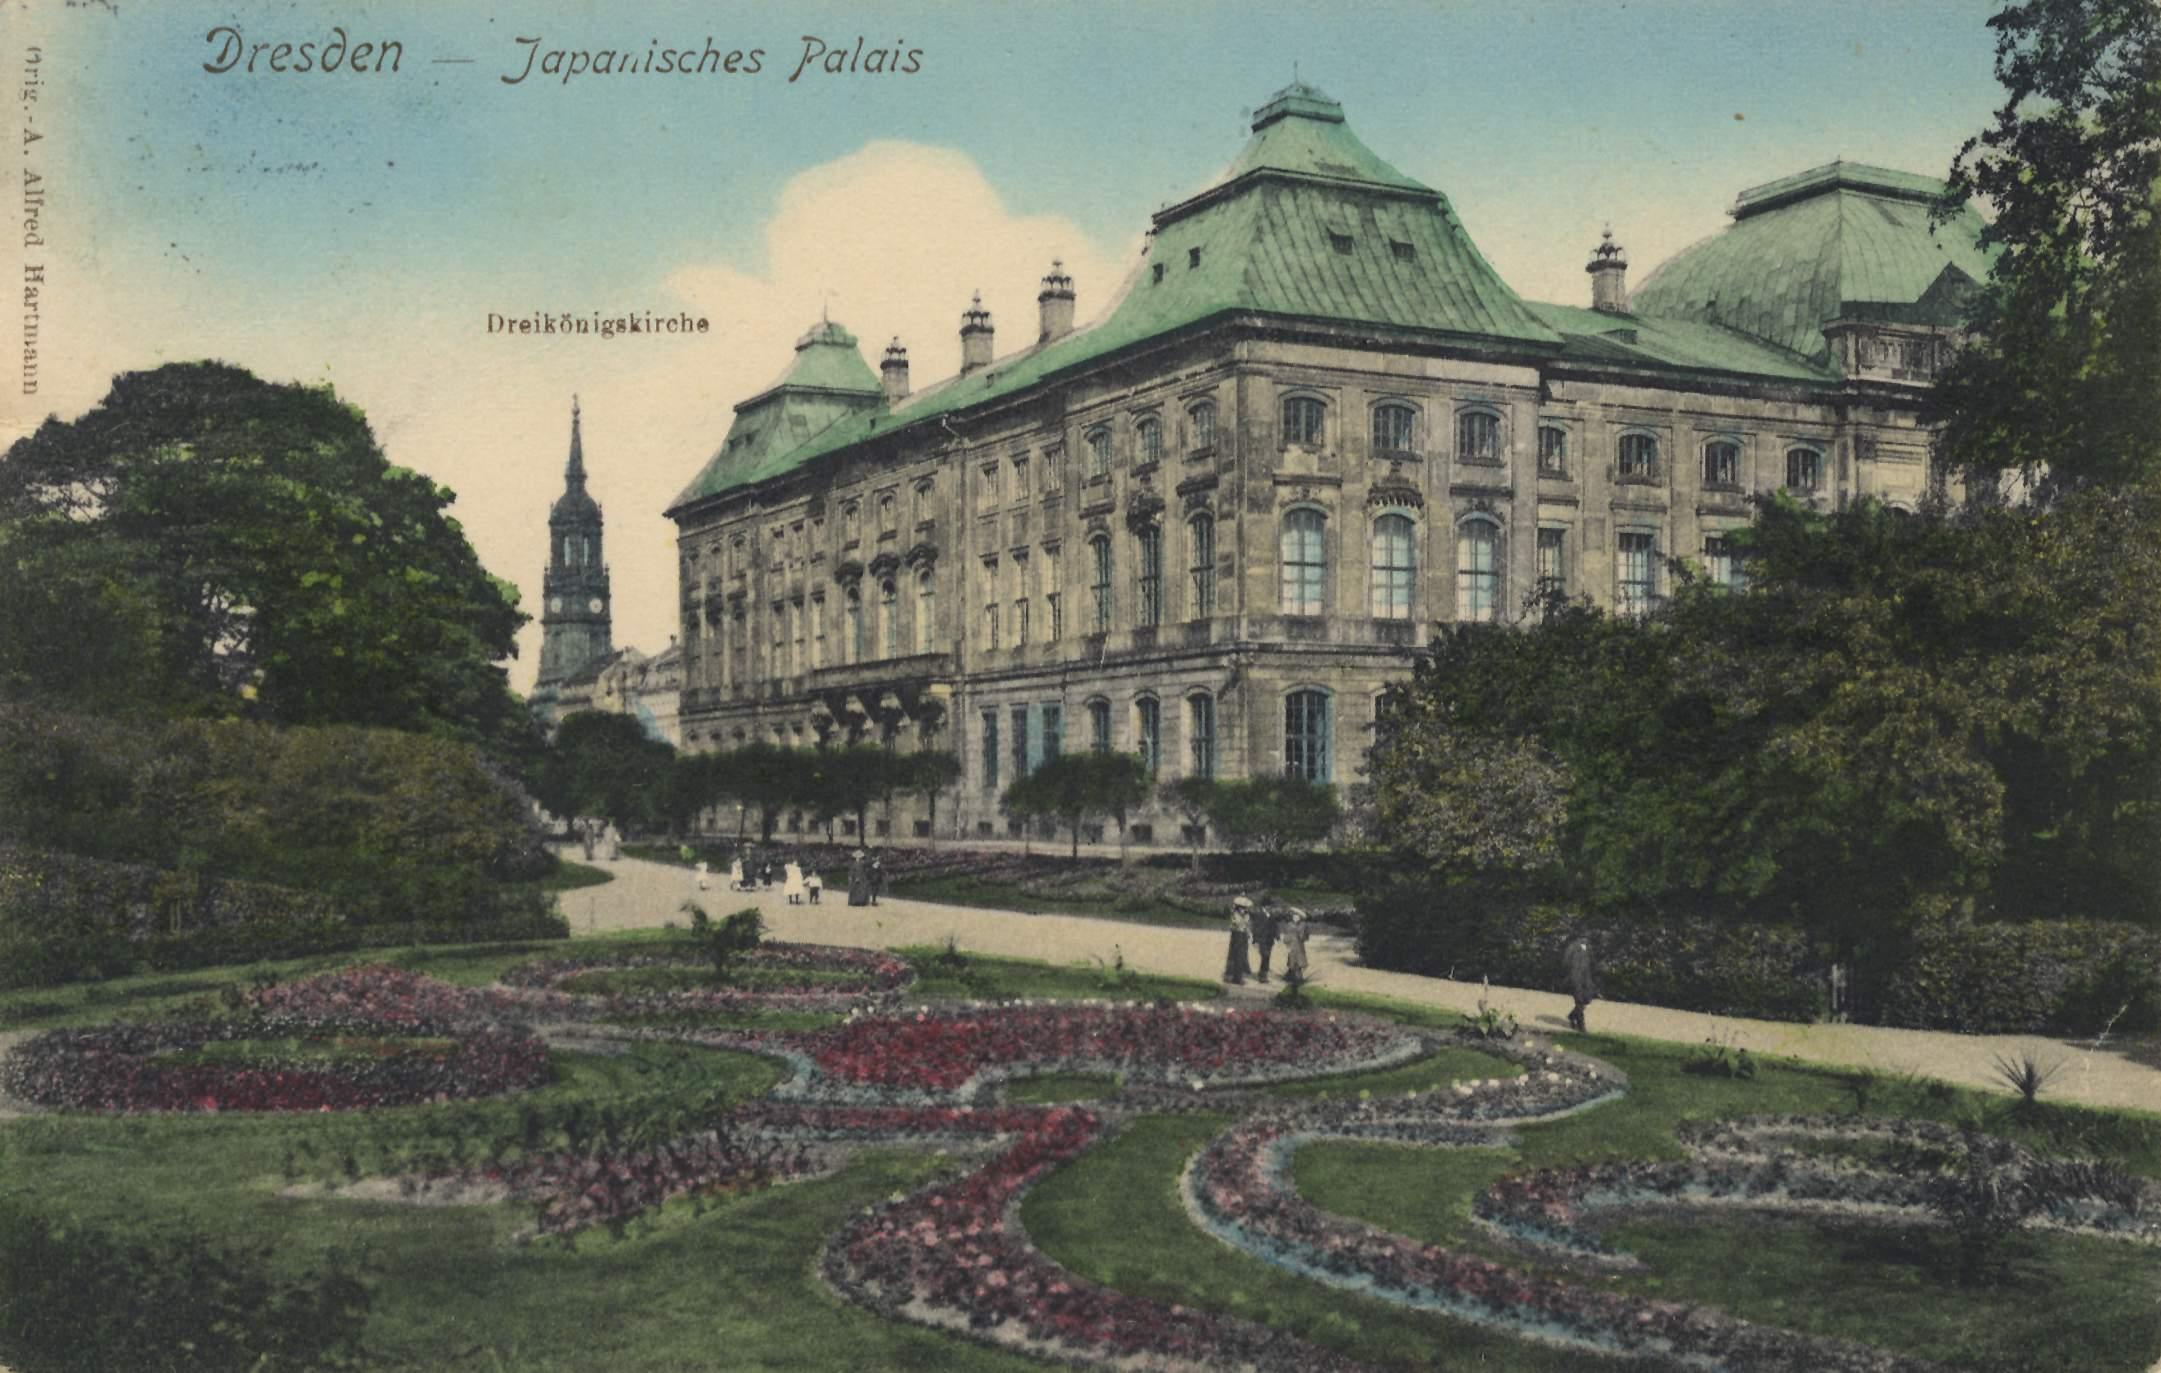 dresden japanisches palais dresden